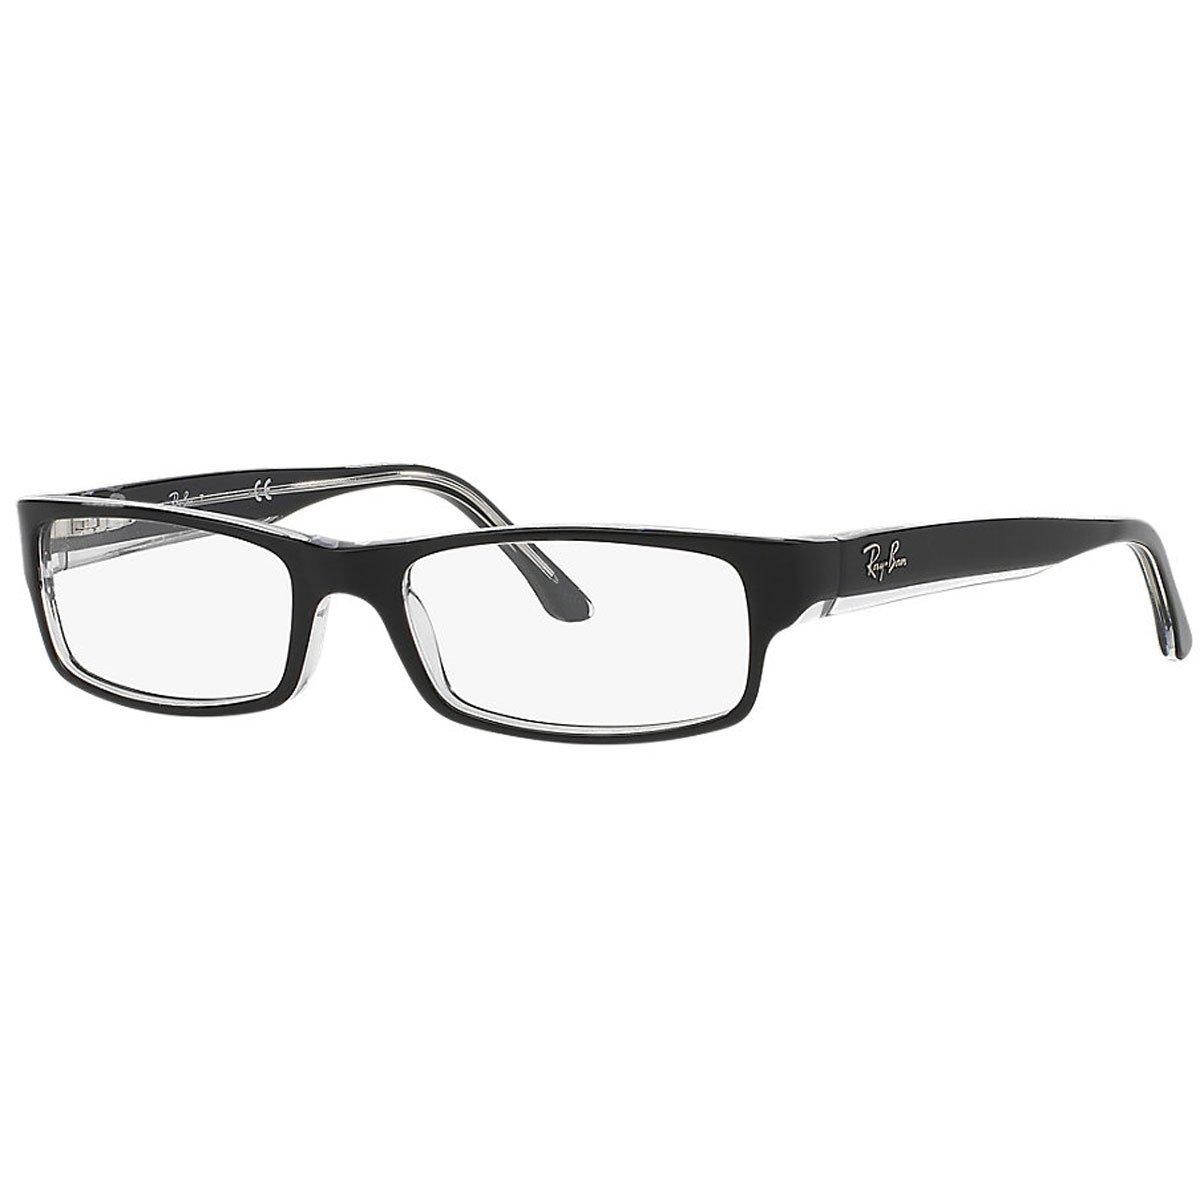 Ray Ban Optical Occhiali da sole RX5114 Nero su trasparente Luxottica 805289464327